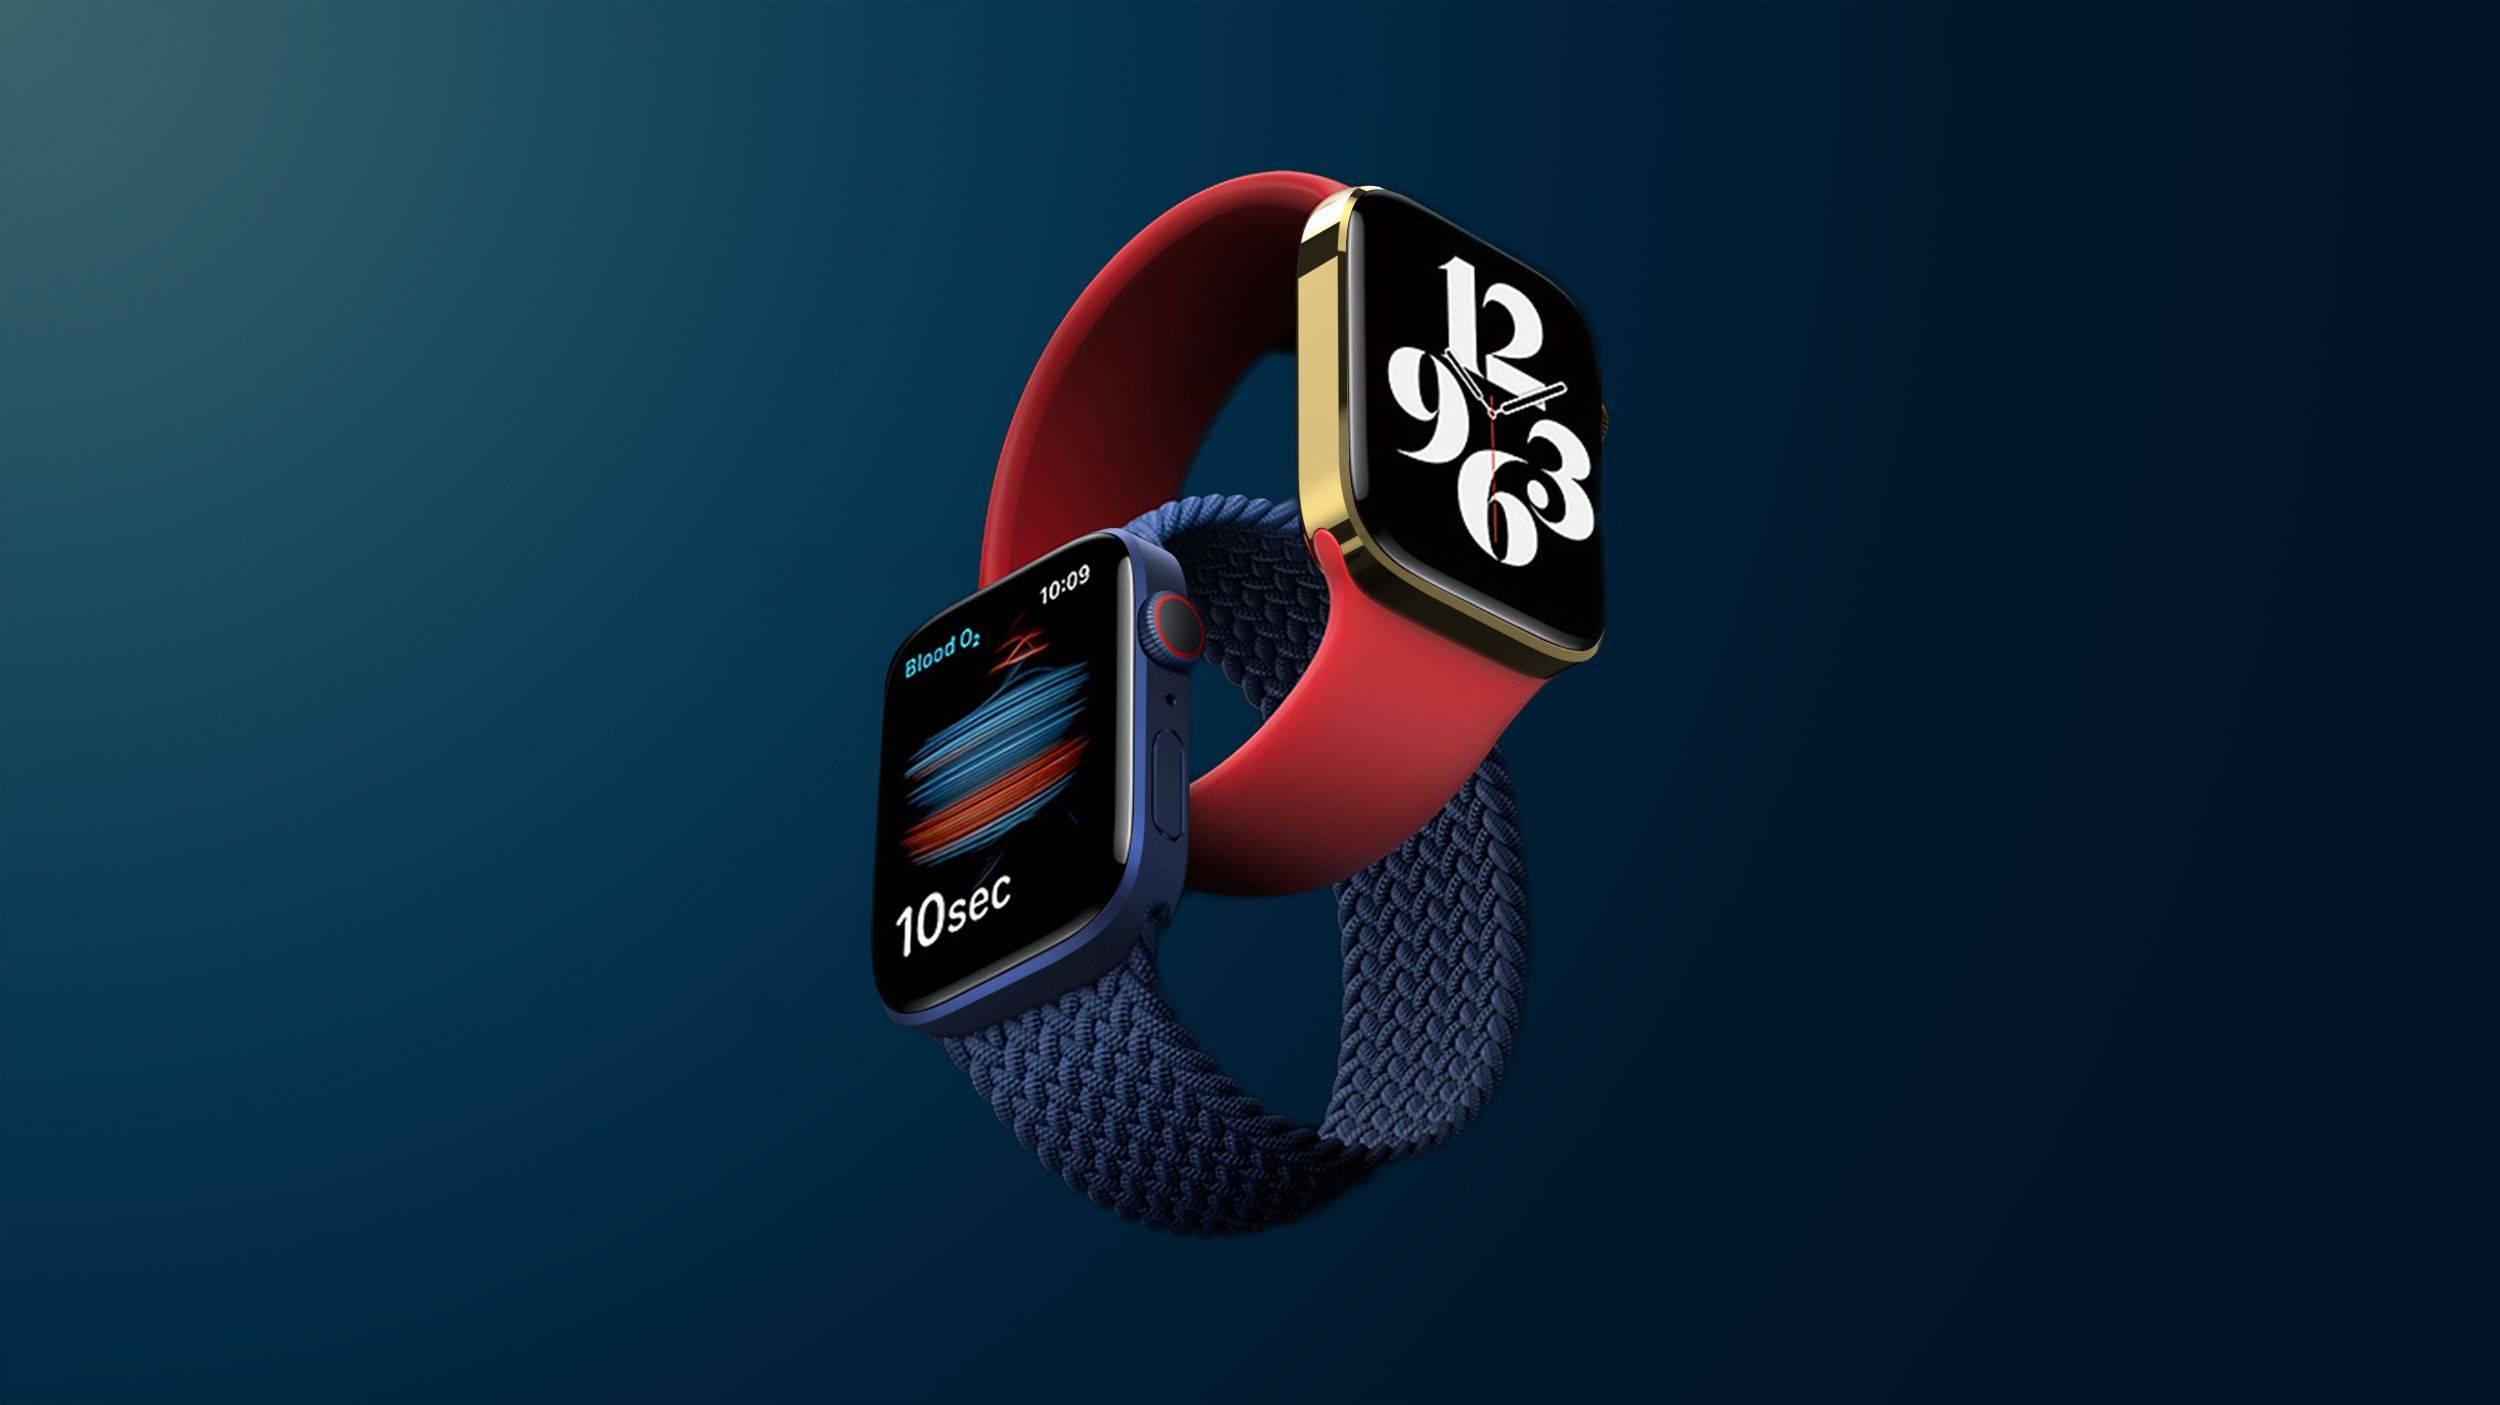 Минг-Чи Куо: Apple Watch Series 8 смогут измерять температуру тела, а новые AirPods  следить за здоровьем пользователя